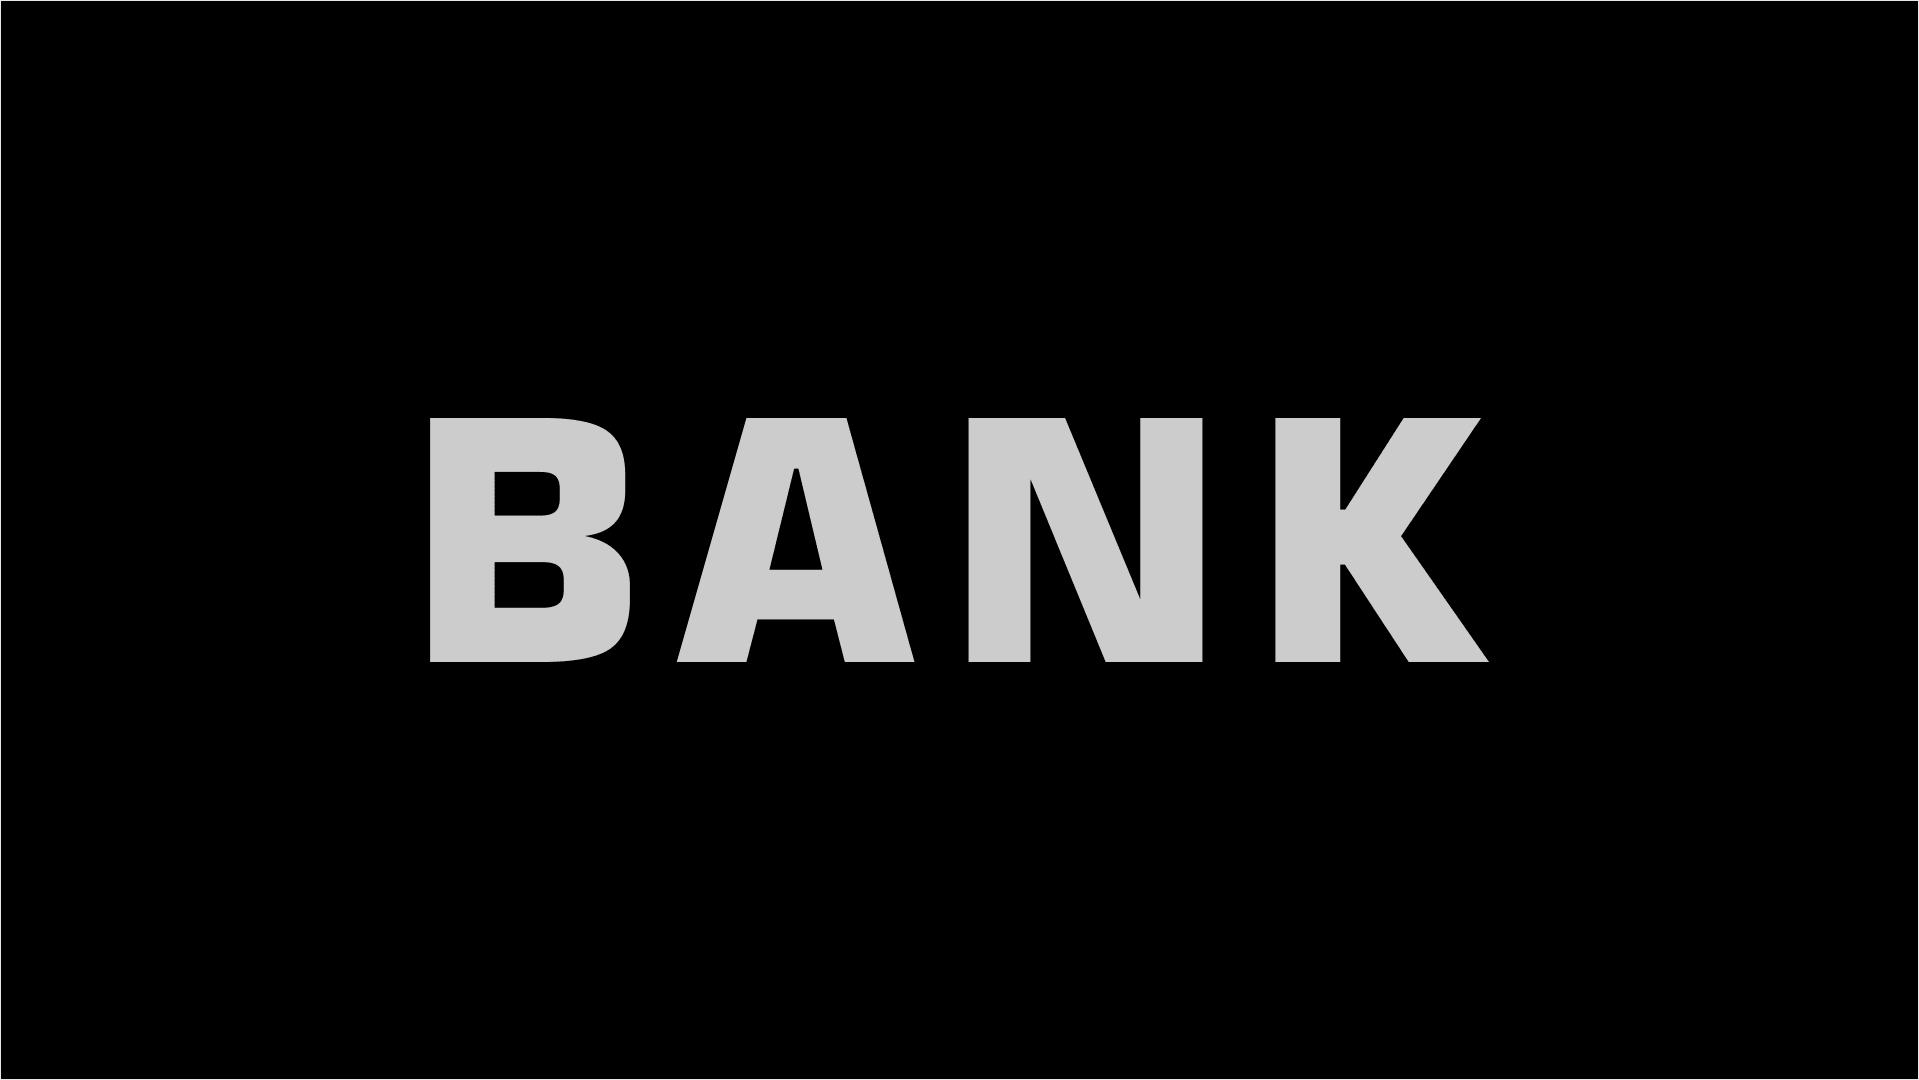 生活资讯_【生活资讯】atm银行自动提款机的错误代号代码讯息查询与说明介绍